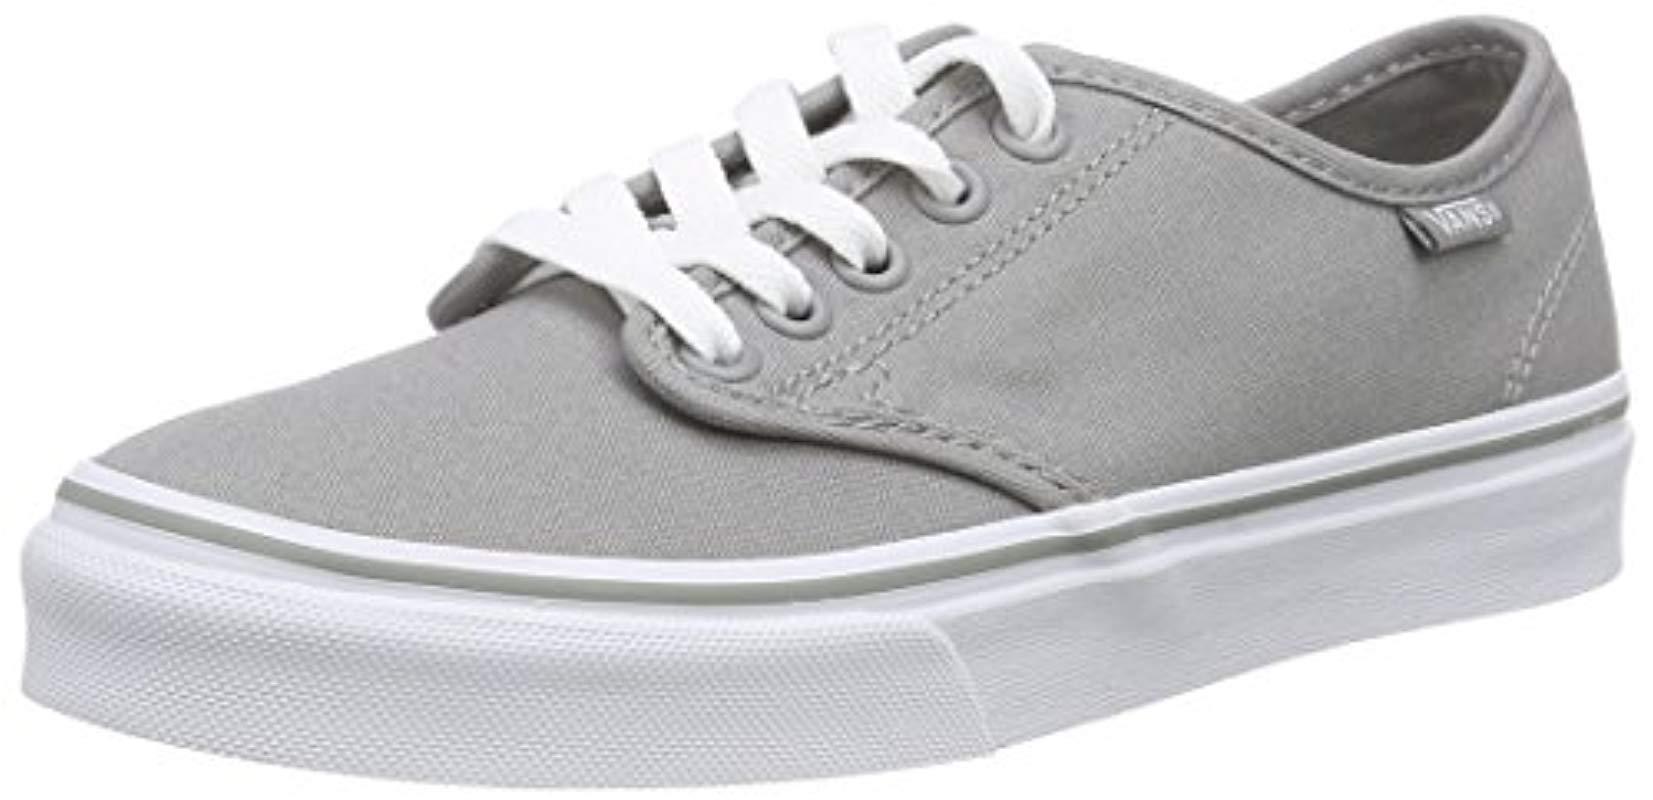 8257f253c9d4c3 Vans Camden Stripe Classic Low-top Sneakers in Gray - Lyst